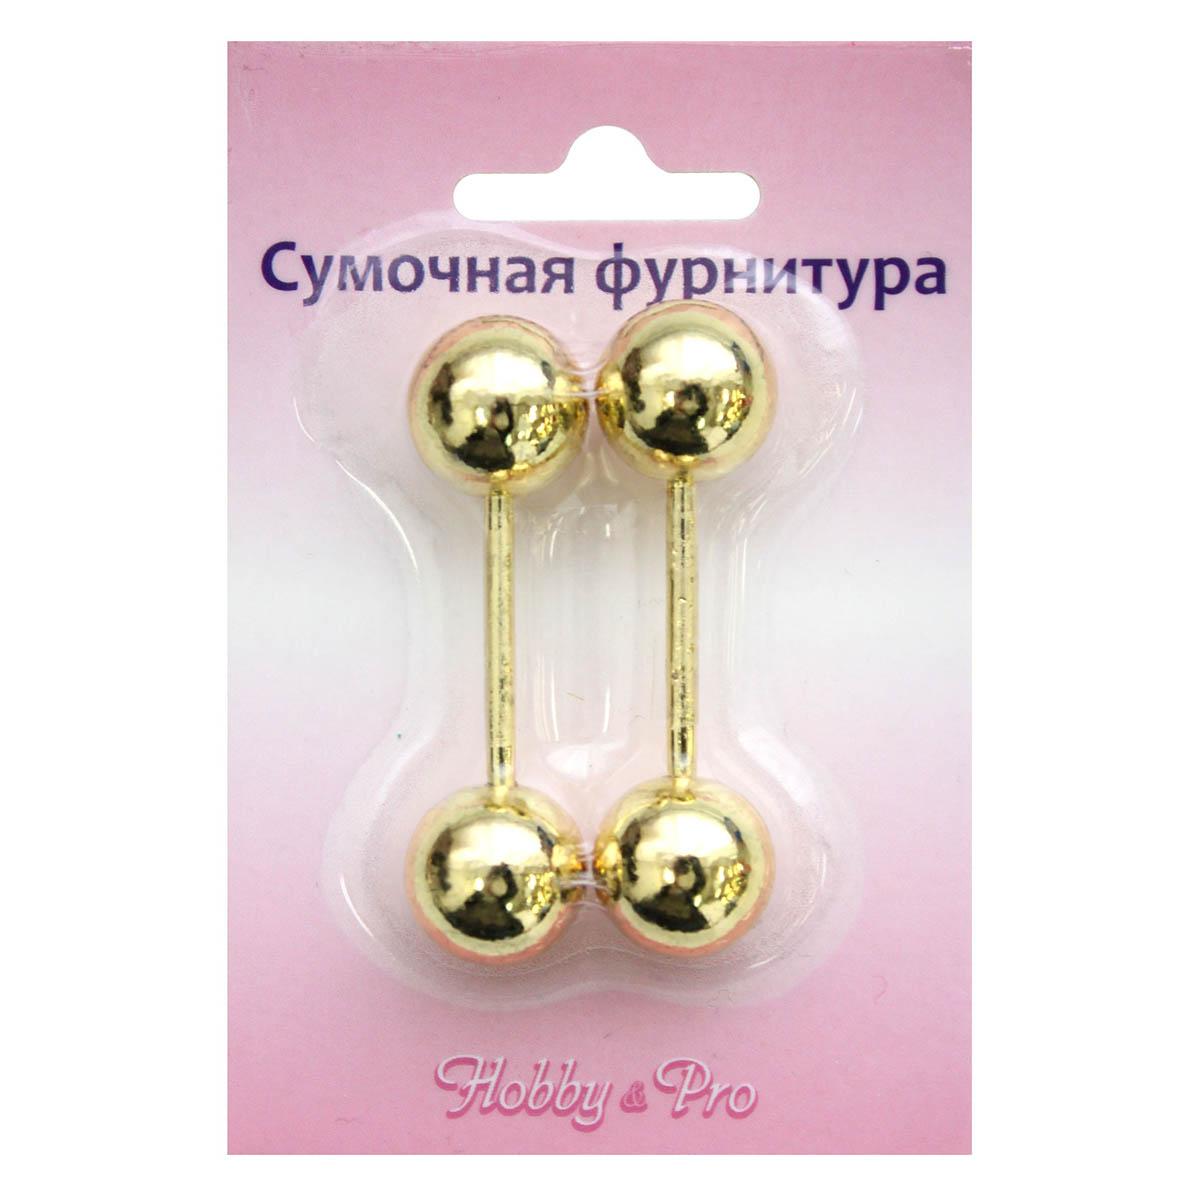 69996 Шпилька для сумки, L-25*15 мм, шарик, золото, упак./2 шт., Hobby&Pro